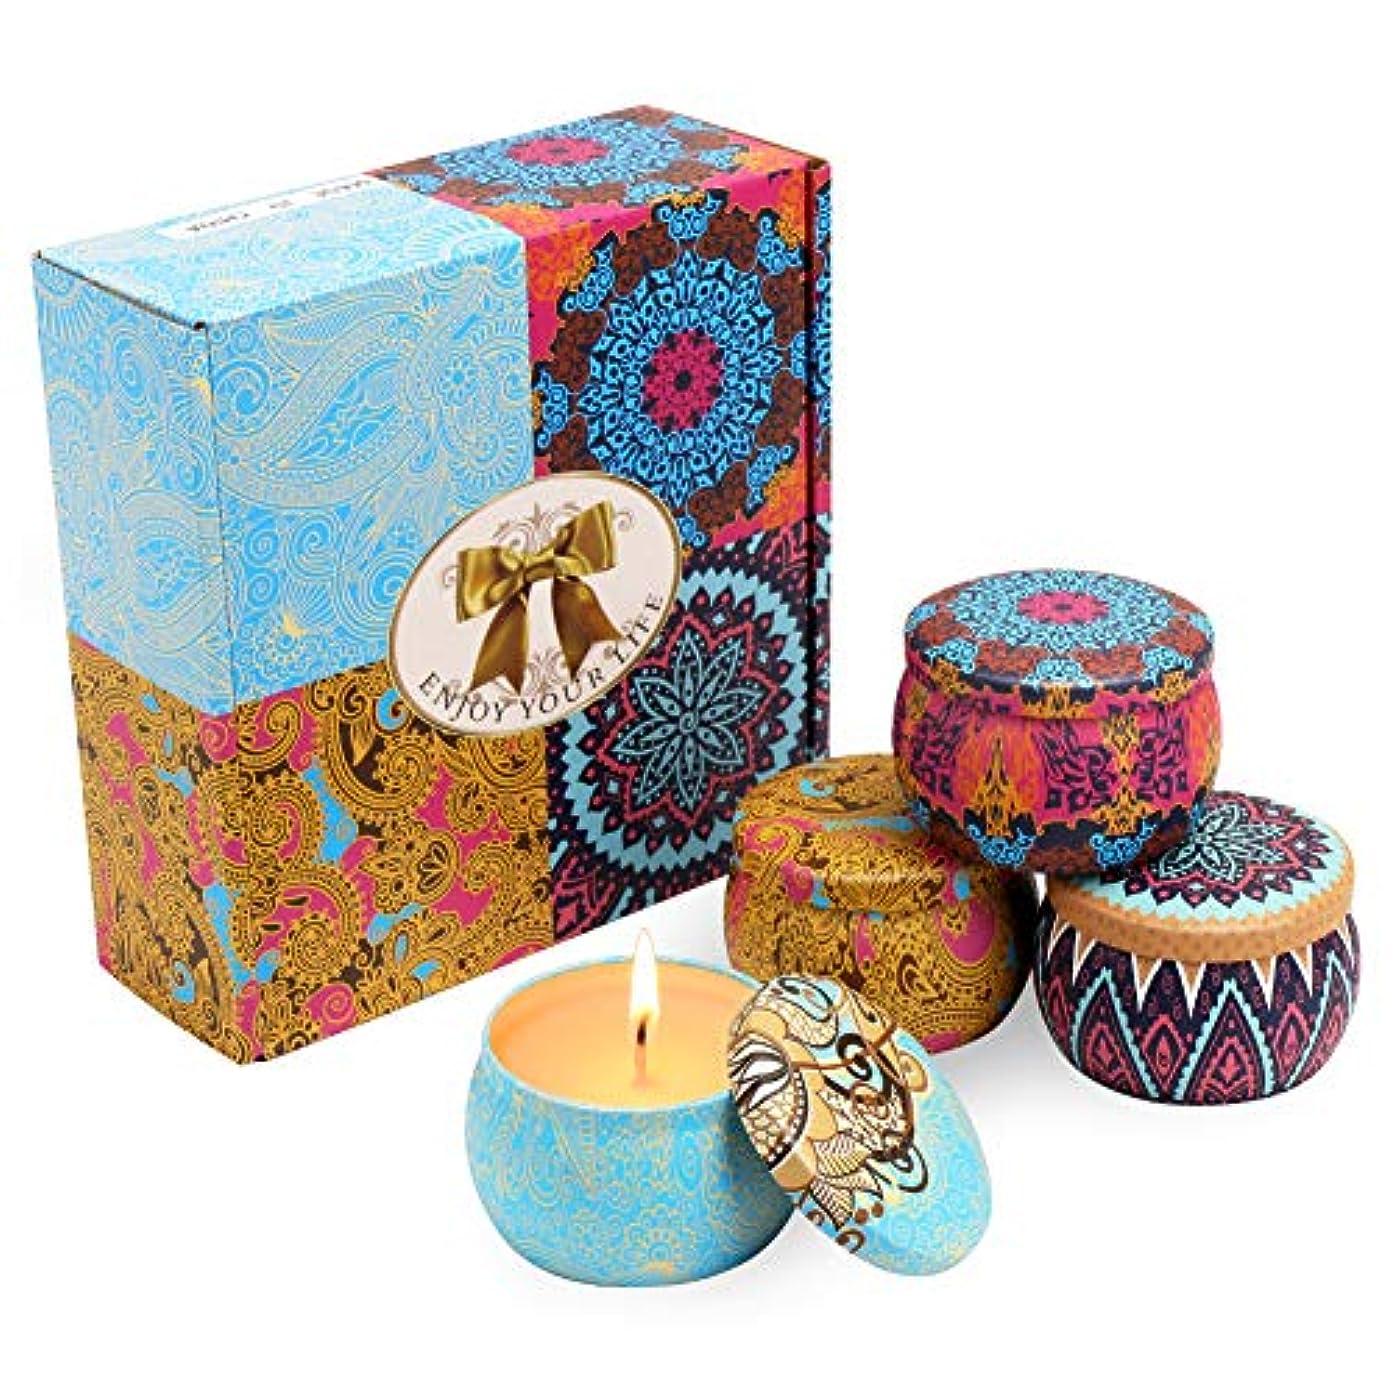 うなるタイト呼び起こすアロマキャンドル MANLI ソイワックス 天然 大豆ワックス 4つ香り 果物の香り 4個セット キャンドル アロマテラピー ロウソク バレンタインデー プレゼント ロマンチック 結婚式 誕生日(四セット)